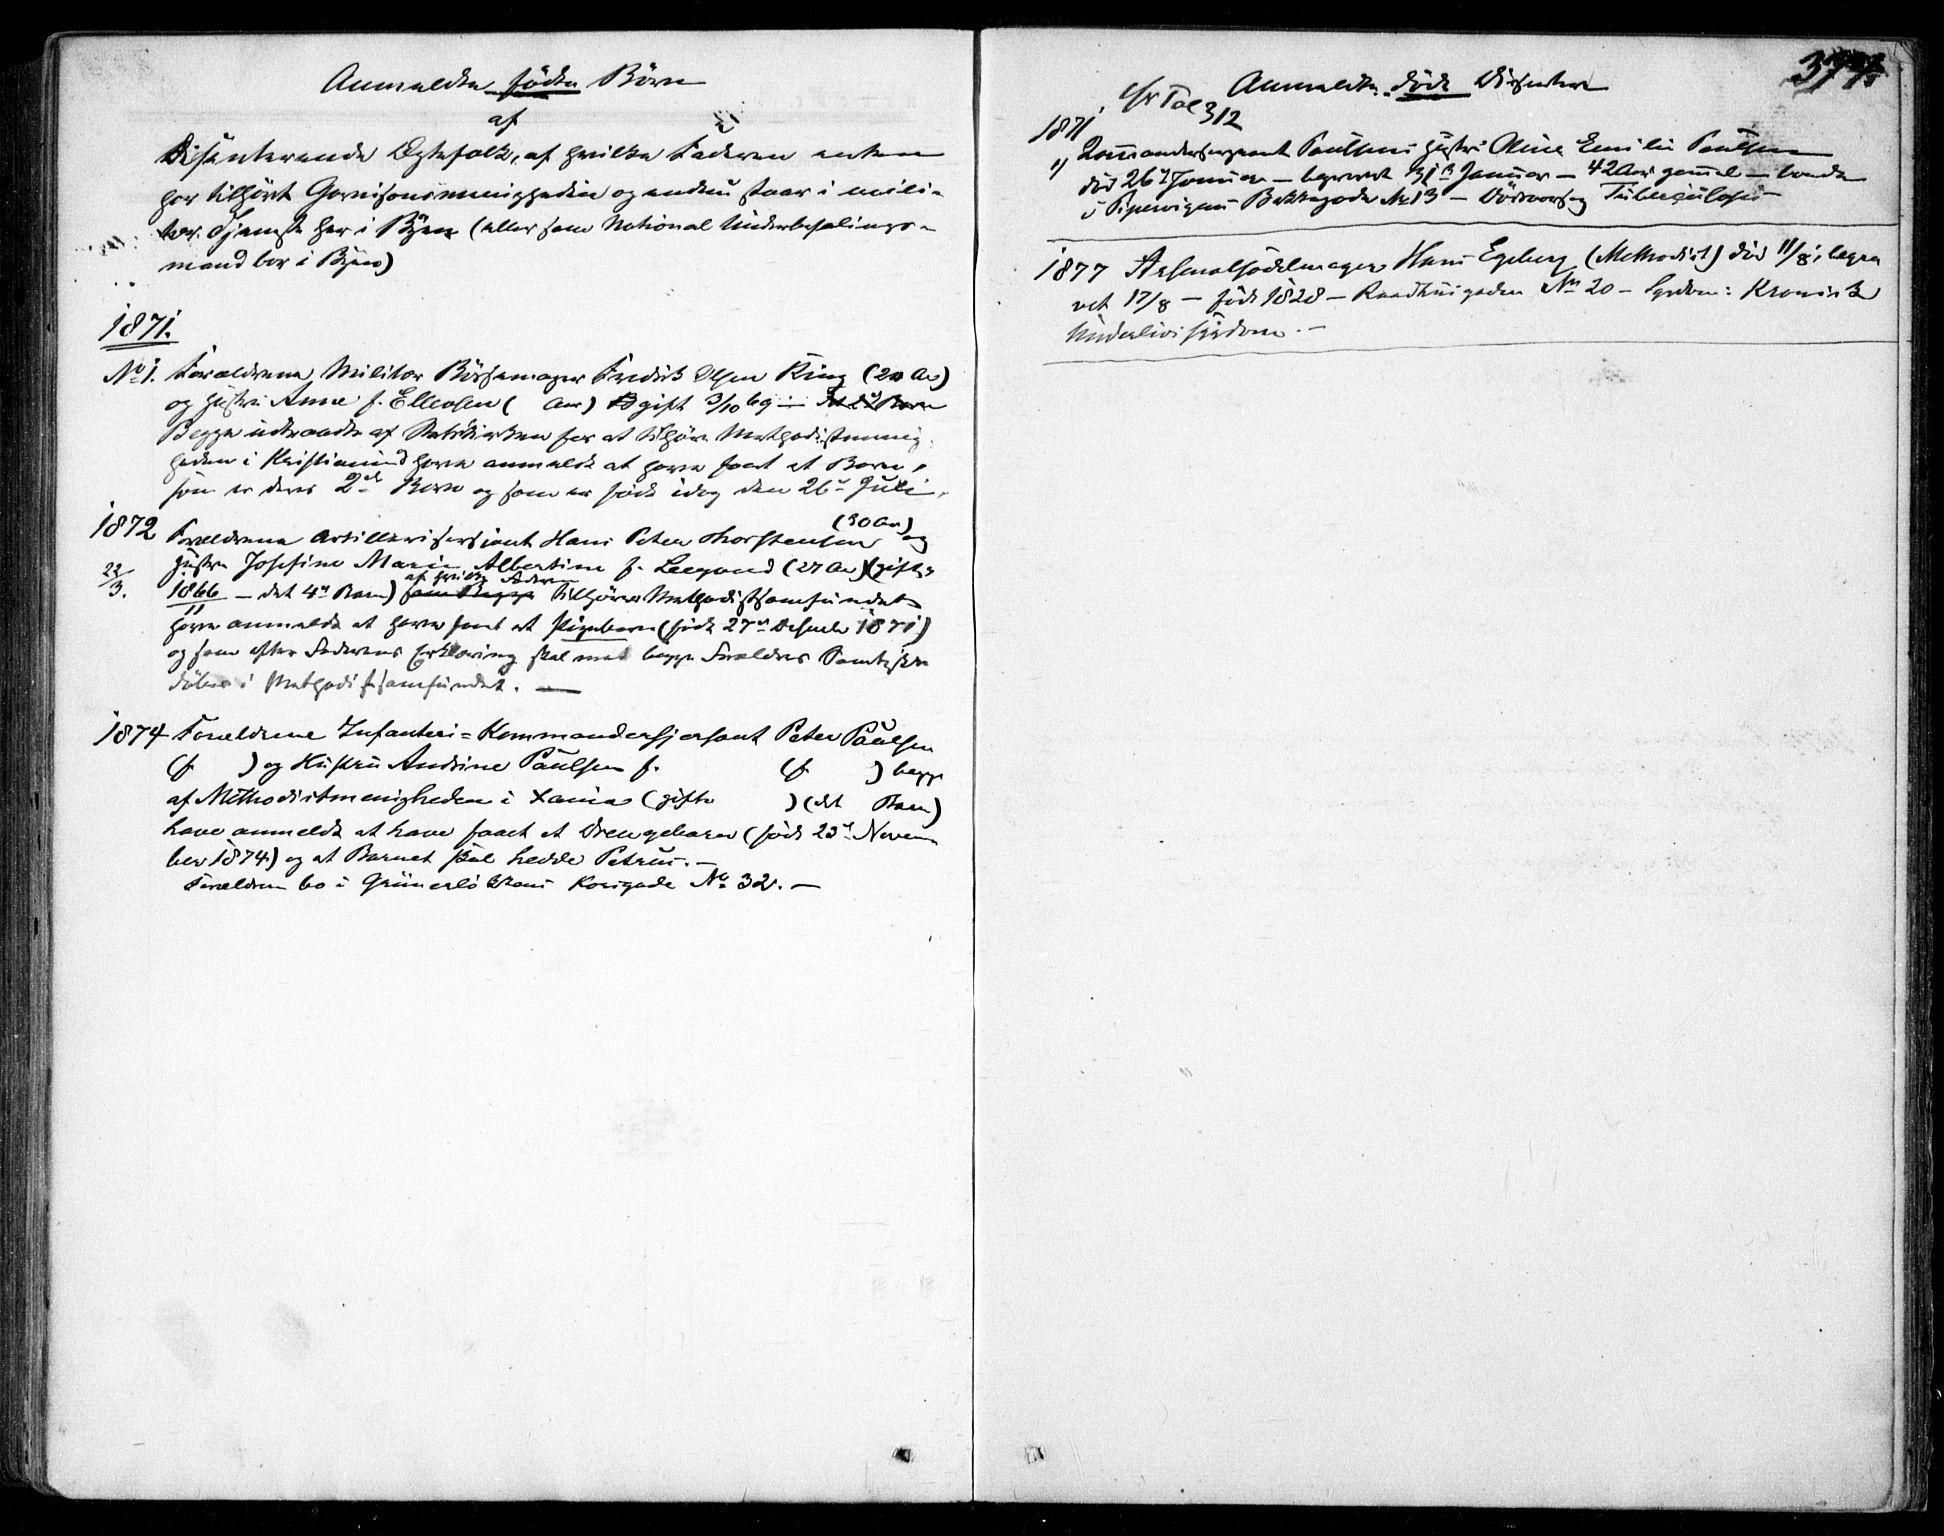 SAO, Garnisonsmenigheten Kirkebøker, F/Fa/L0011: Ministerialbok nr. 11, 1870-1880, s. 372